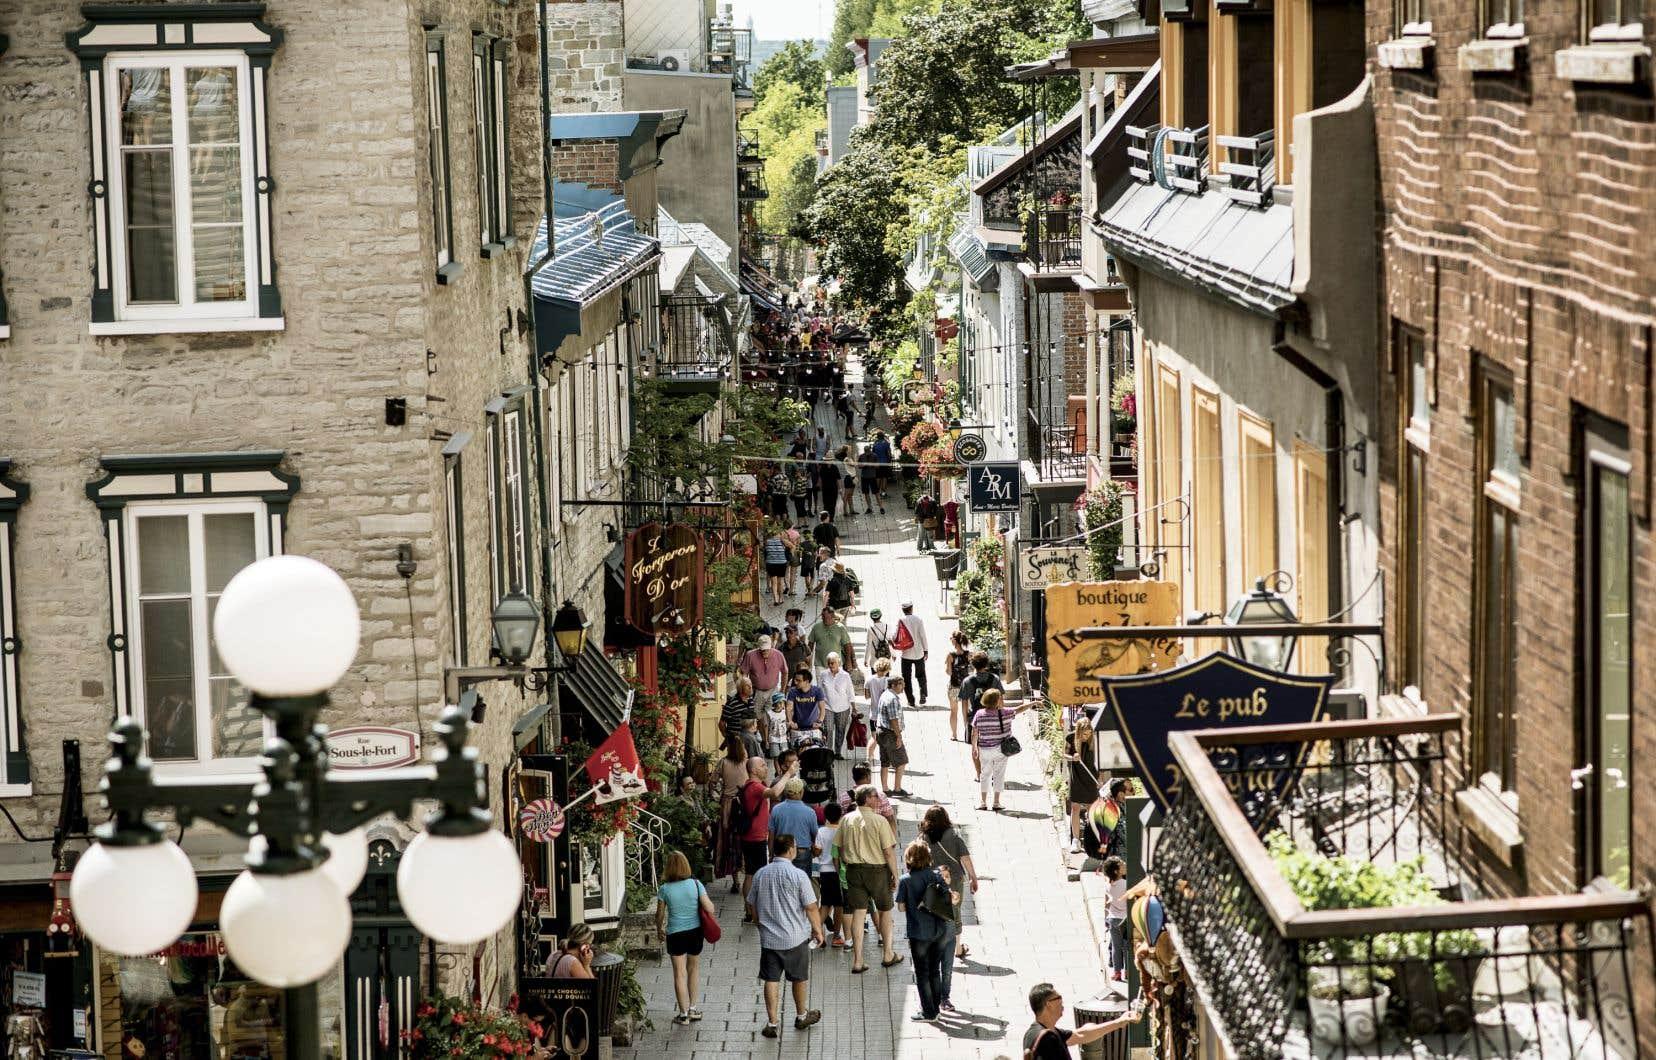 Le quartier du Petit-Champlain, au cœur du Vieux-Québec